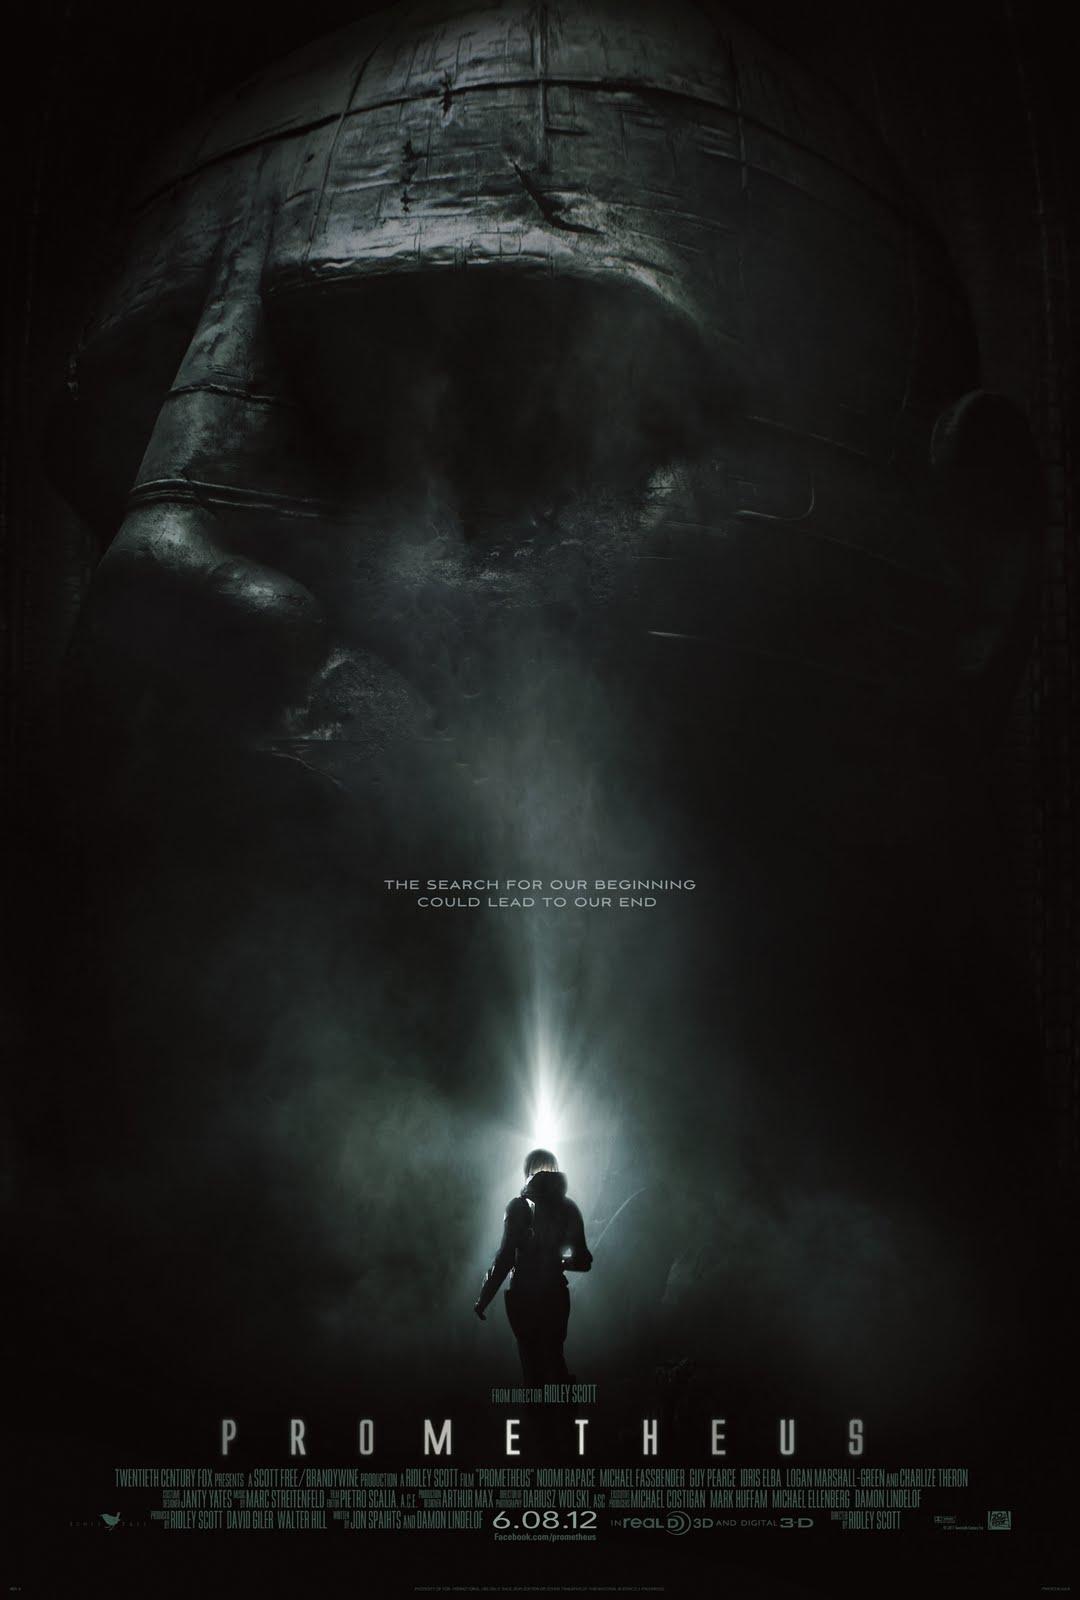 http://3.bp.blogspot.com/-LCTndBdagw0/T24VEkABp9I/AAAAAAAACzM/WIkGsXu6OTU/s1600/Prometheus+Poster.jpg